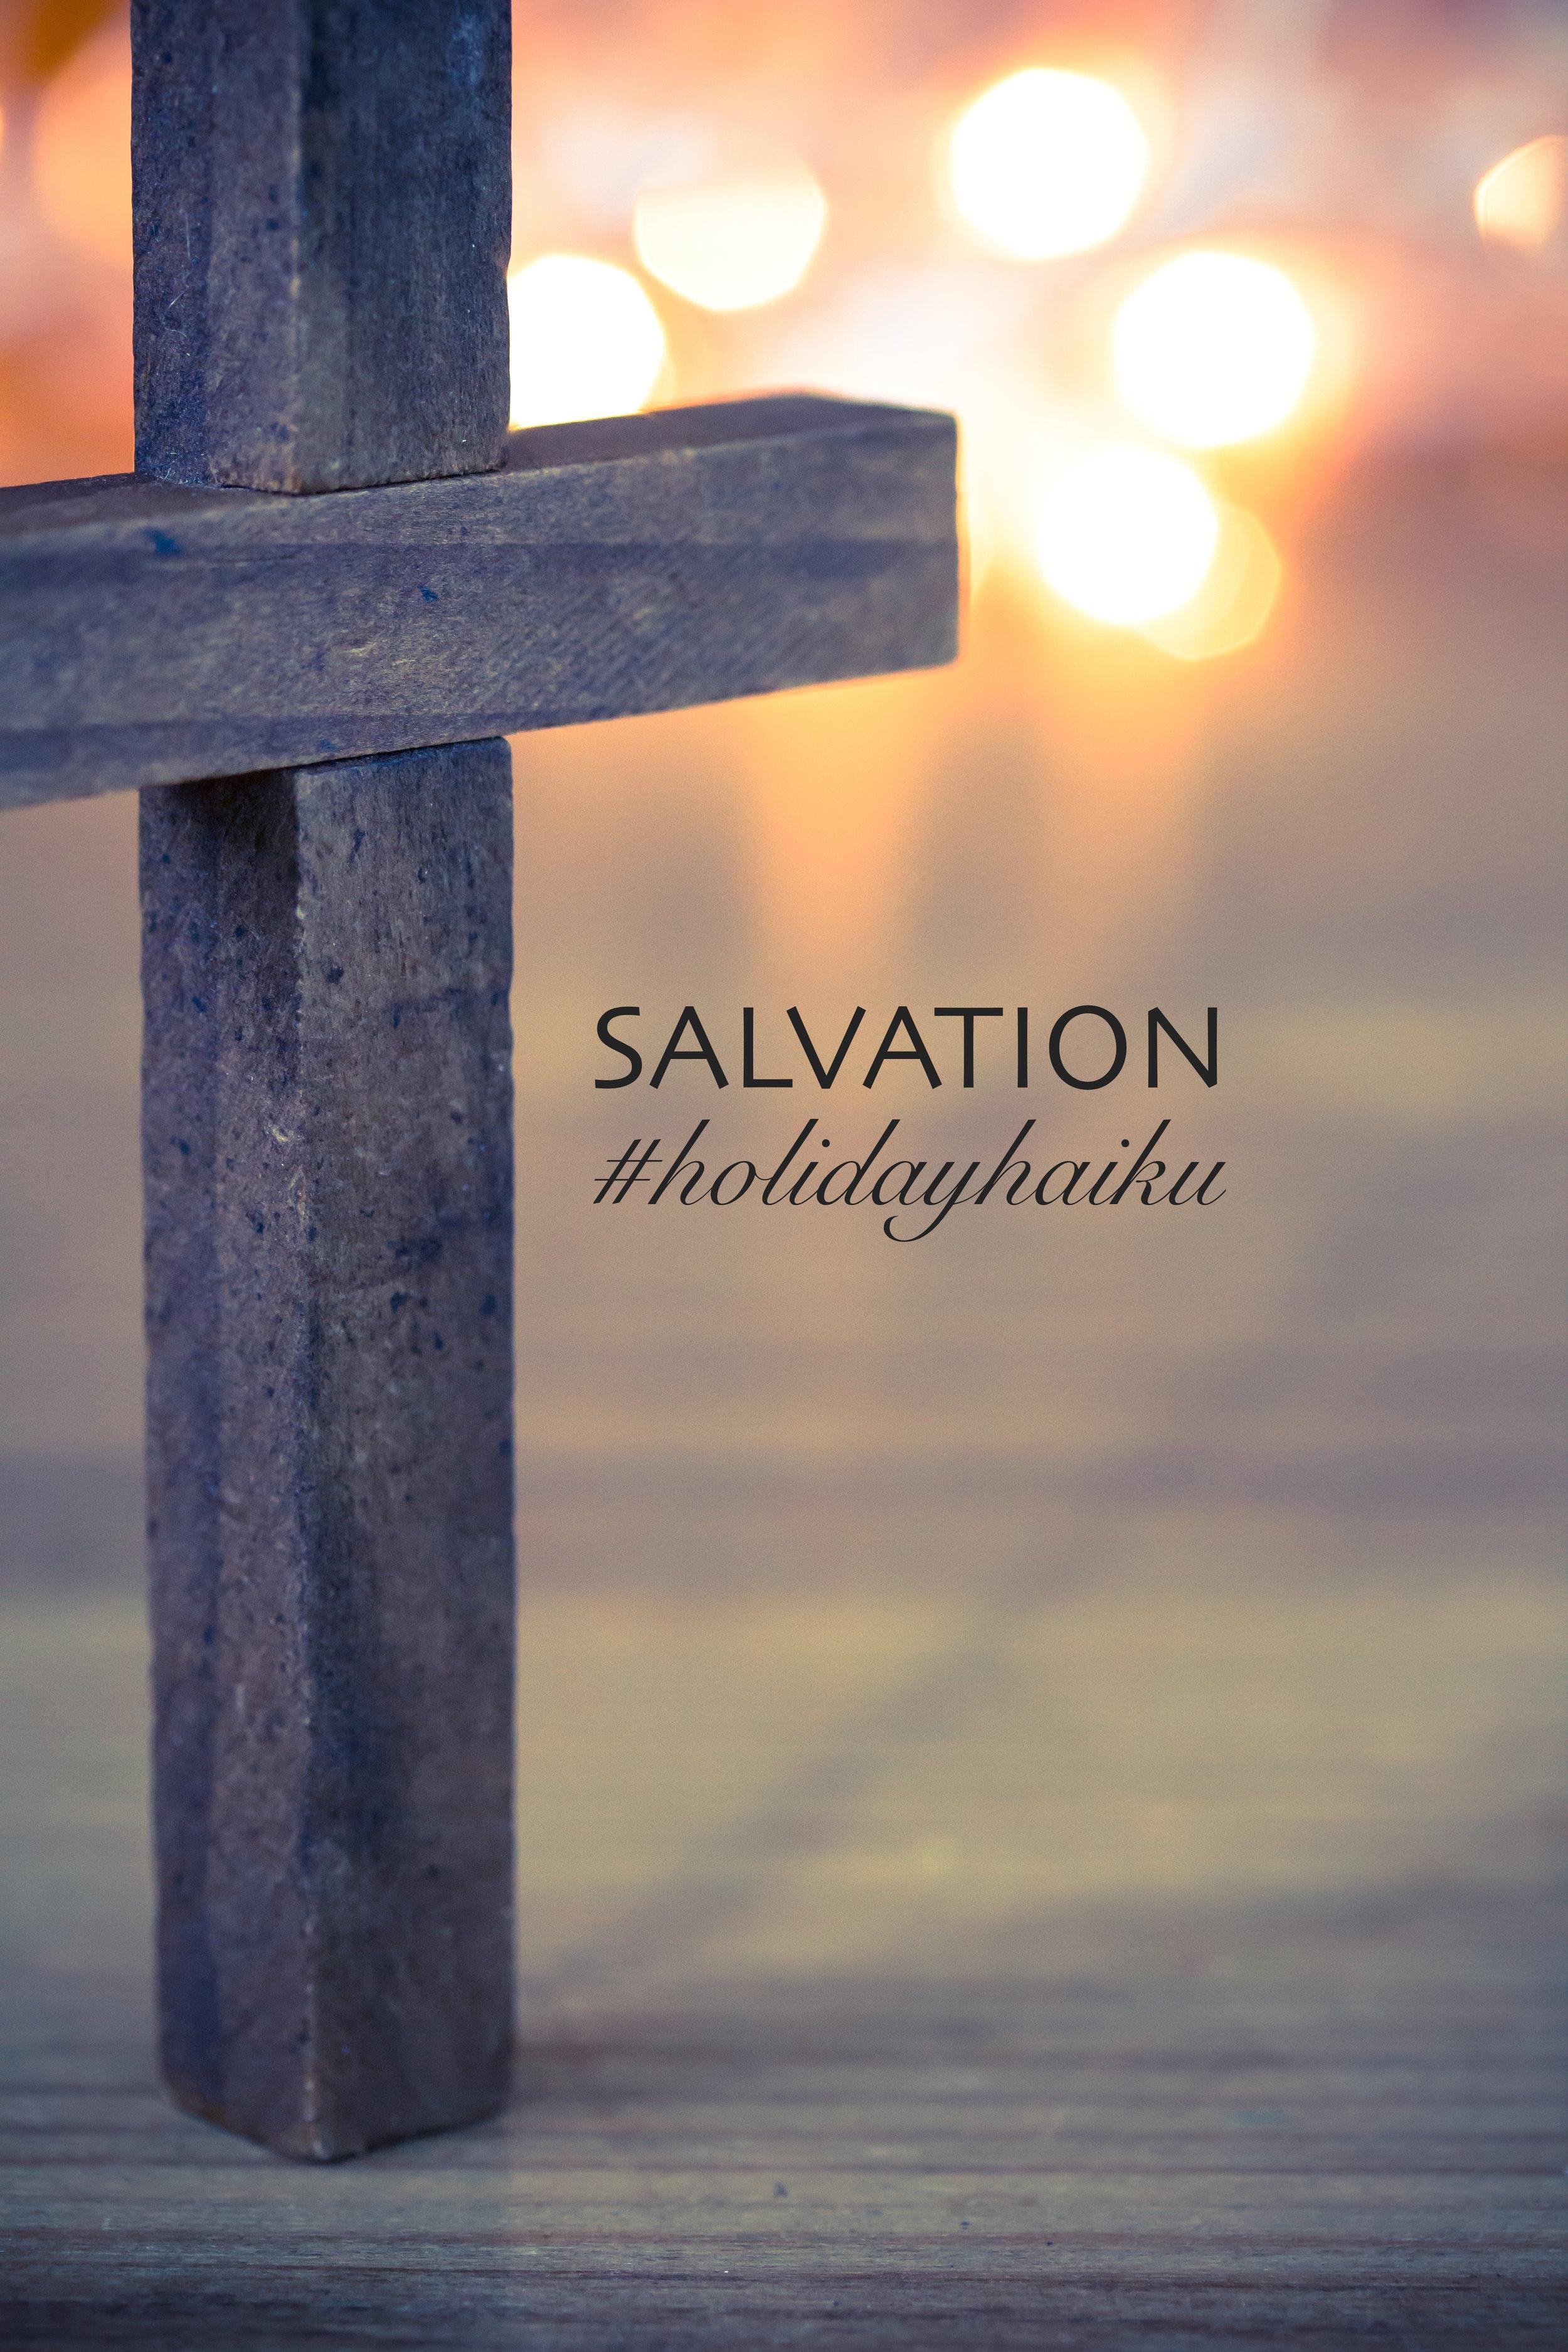 salvationhaiku2.jpeg